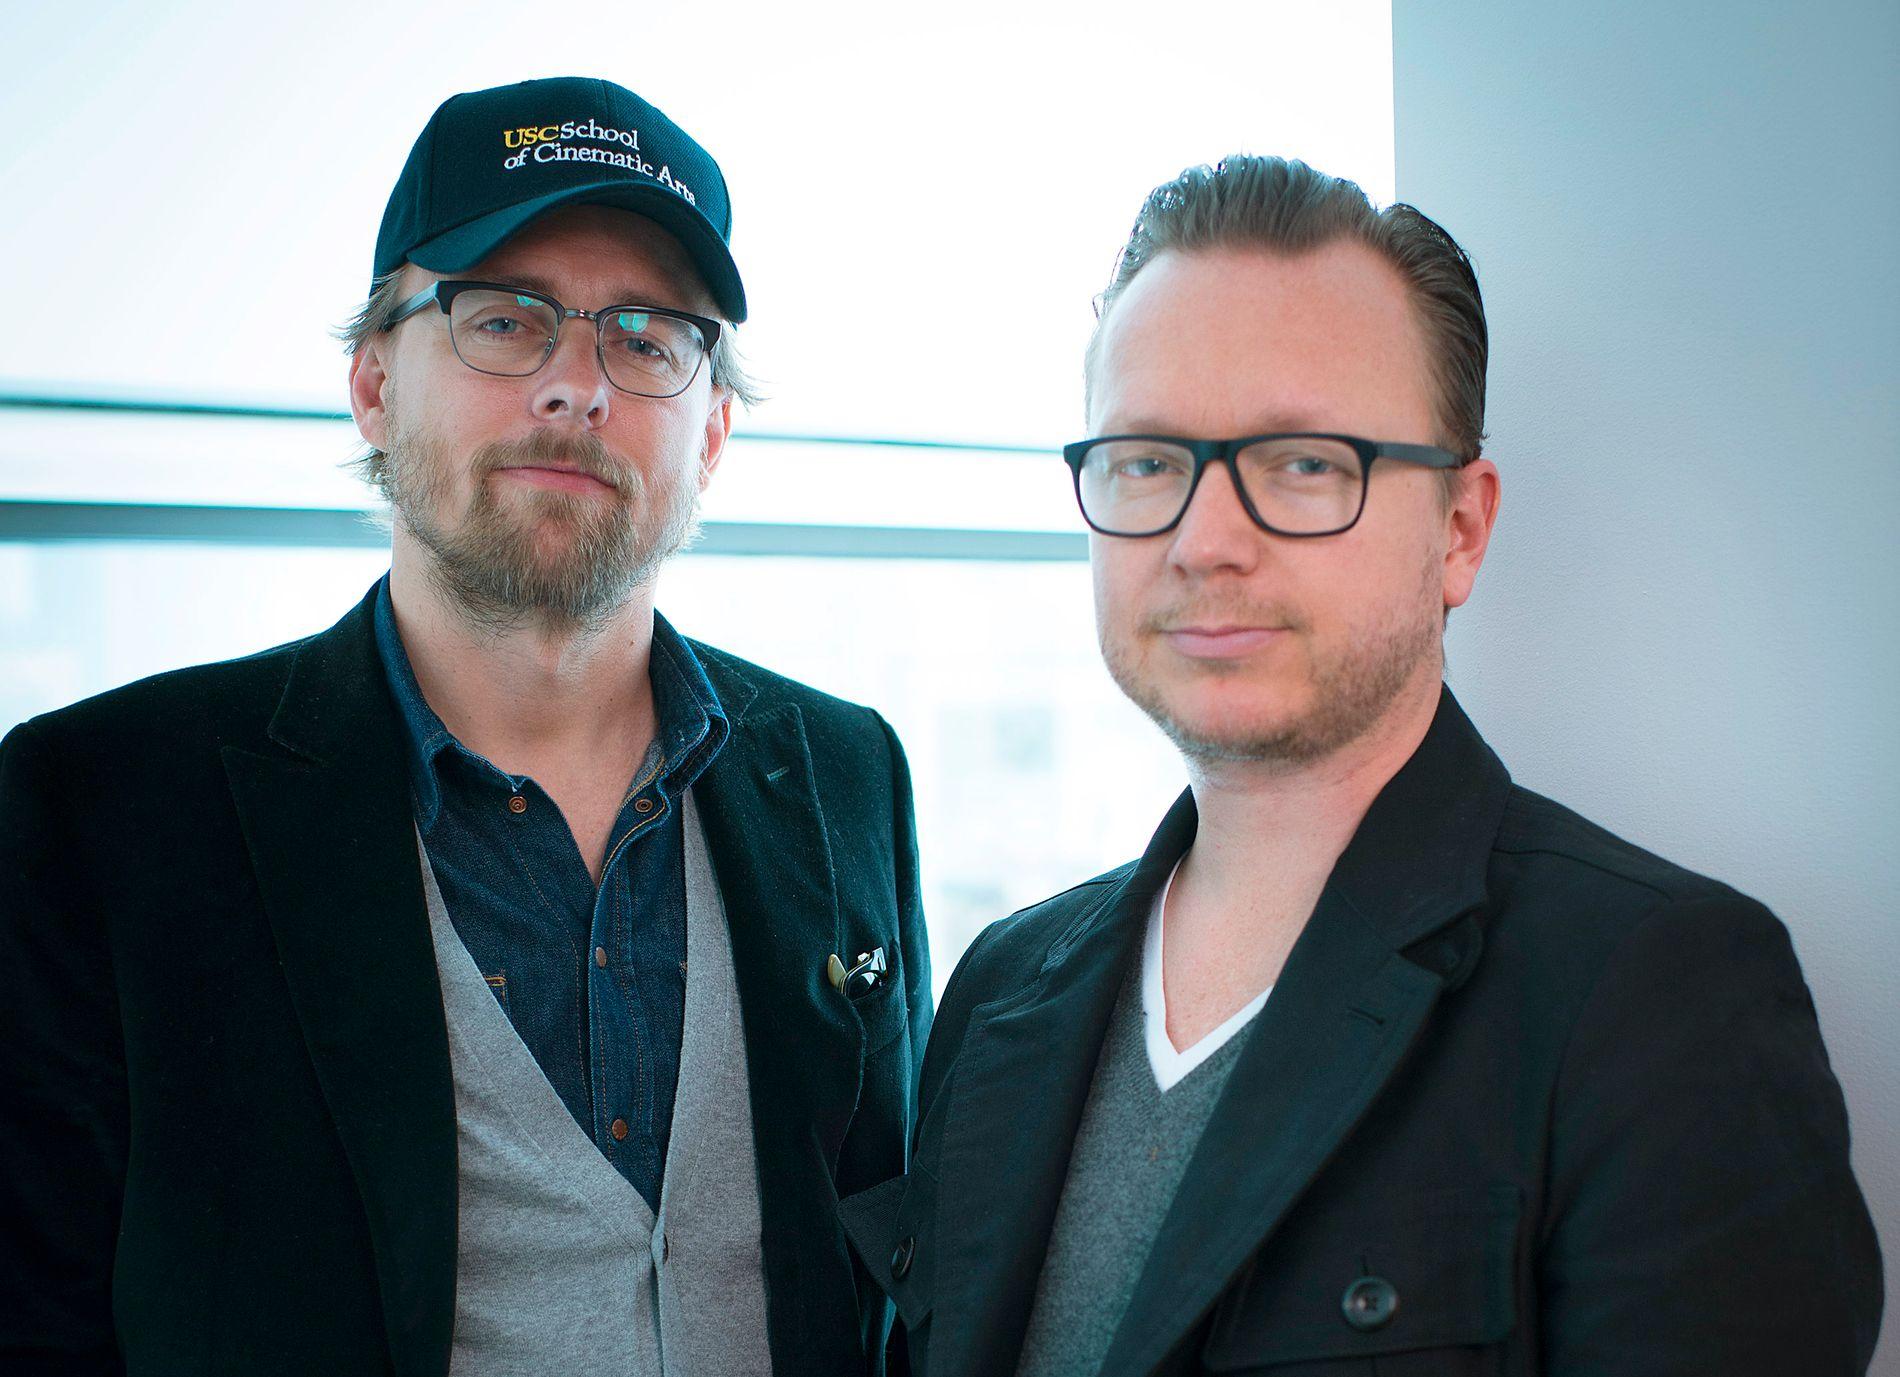 GULLKONTRAKT: Regissørene Espen Sandberg (t.h.) og Joachim Rønning skal regissere neste film ut i Pirates of the Caibbean-serien.